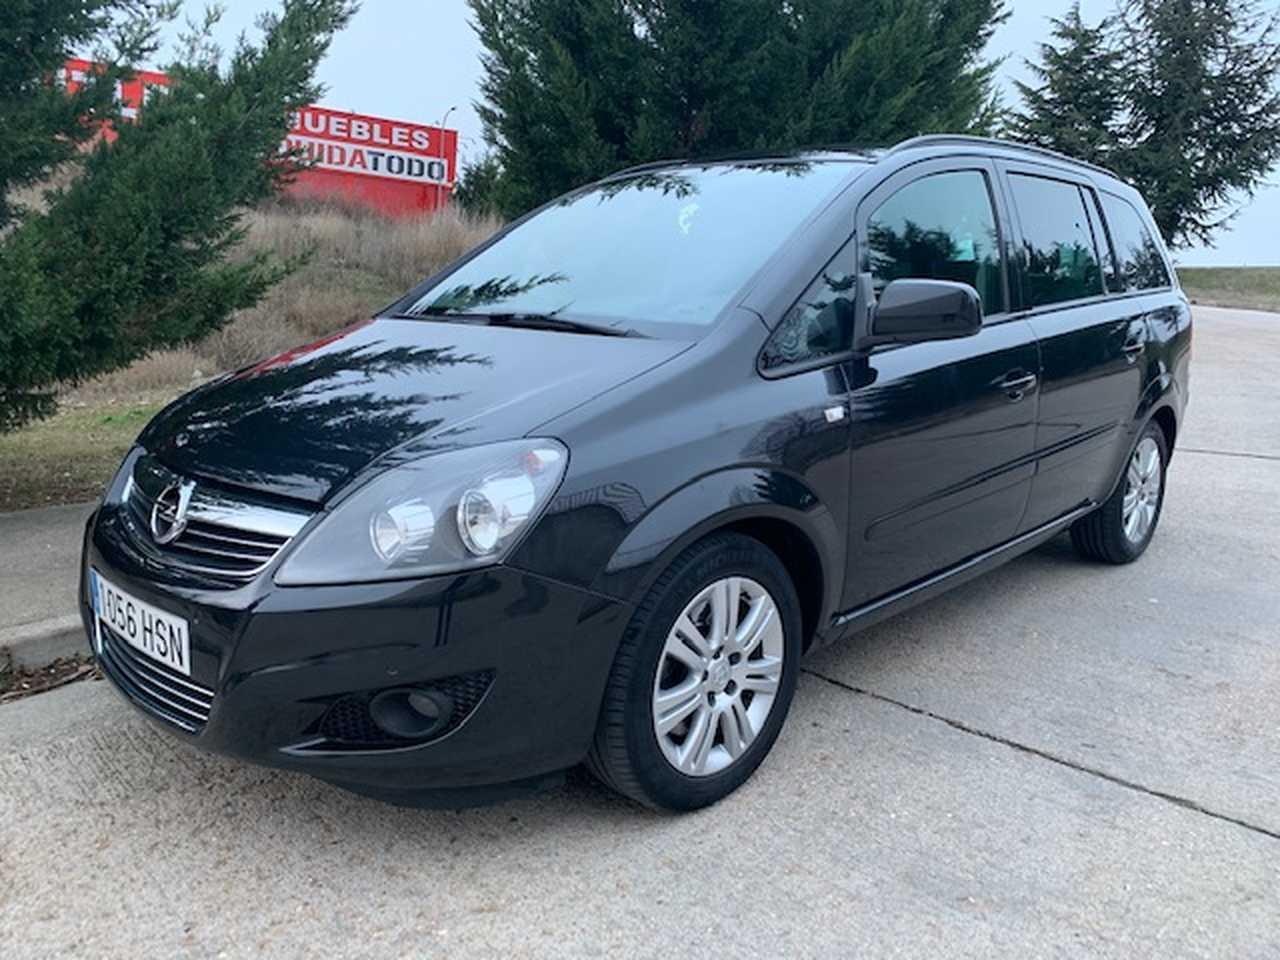 Opel Zafira 1.7 CDTI   - Foto 1